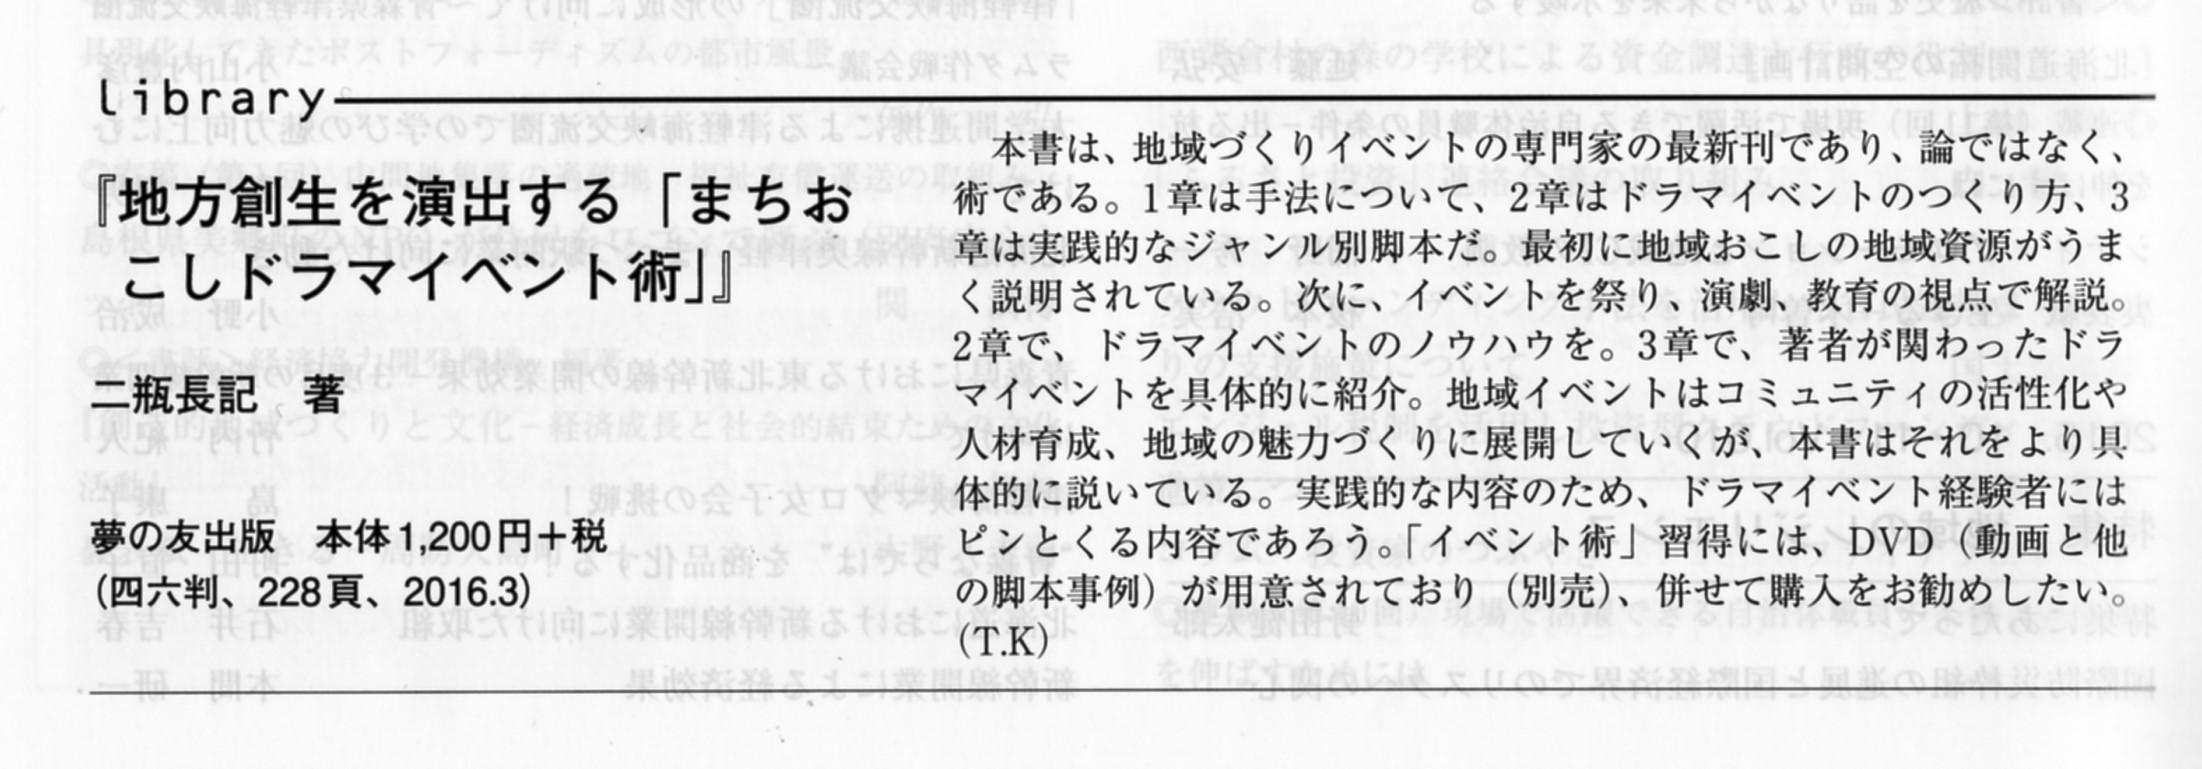 「地域開発」紹介文(vol.613)